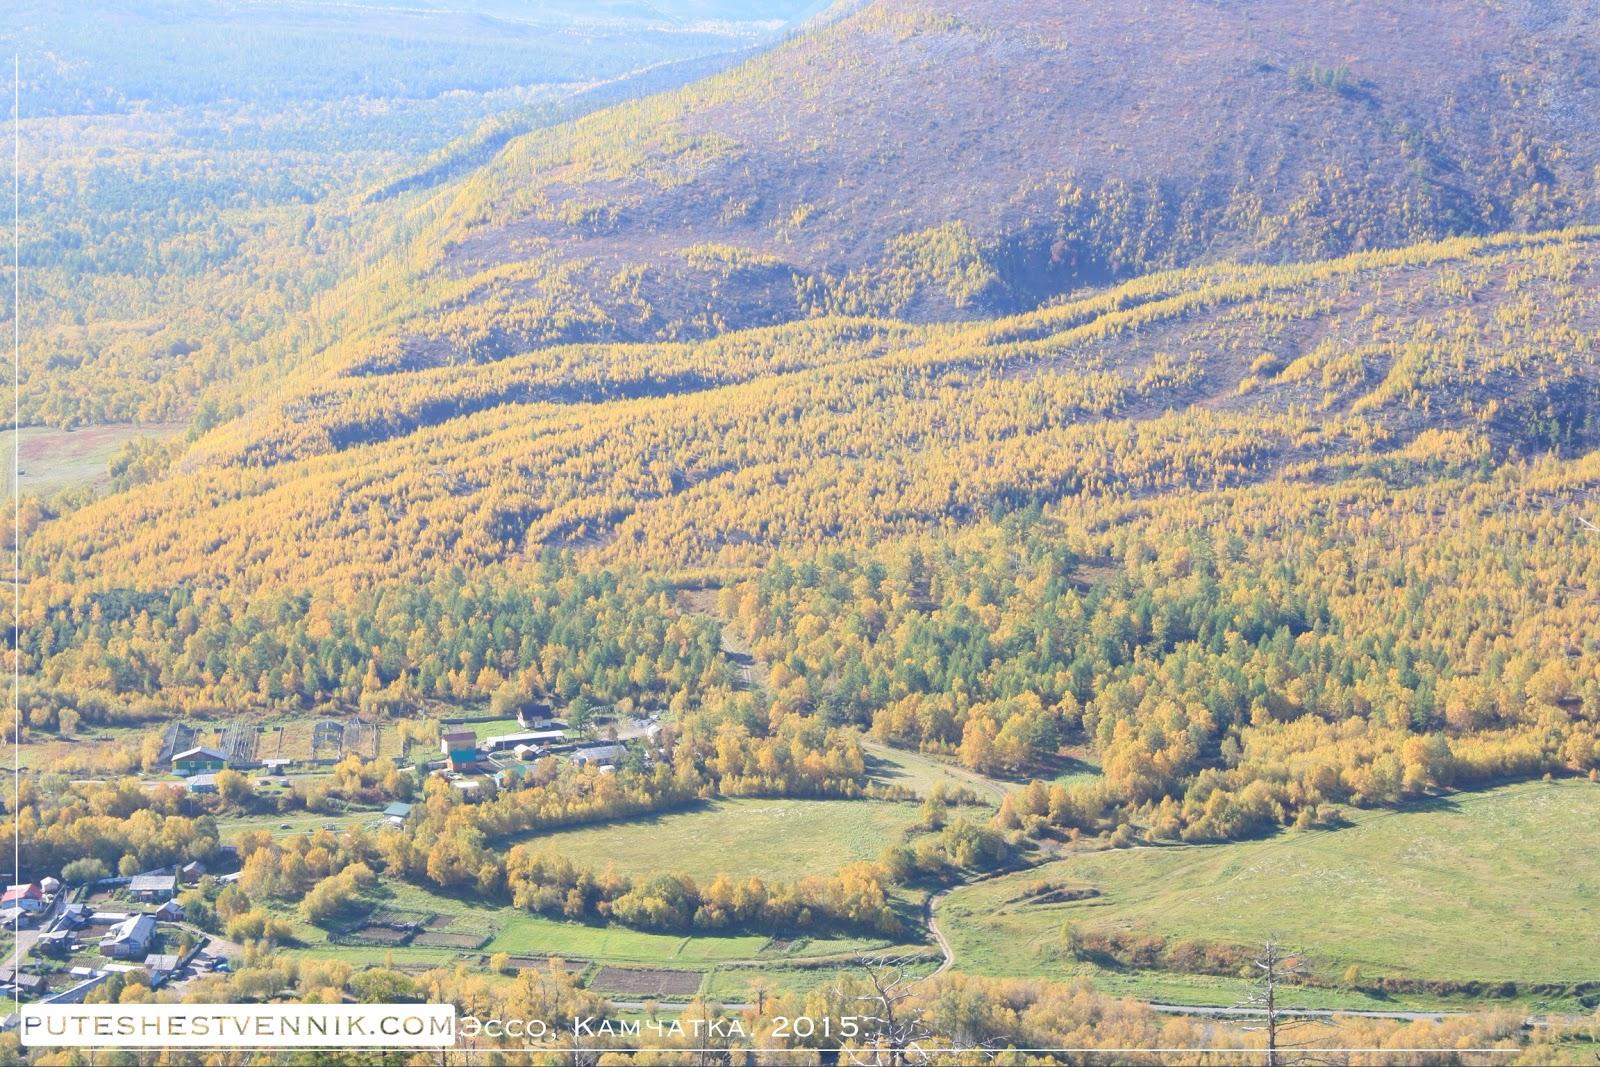 Село Эссо